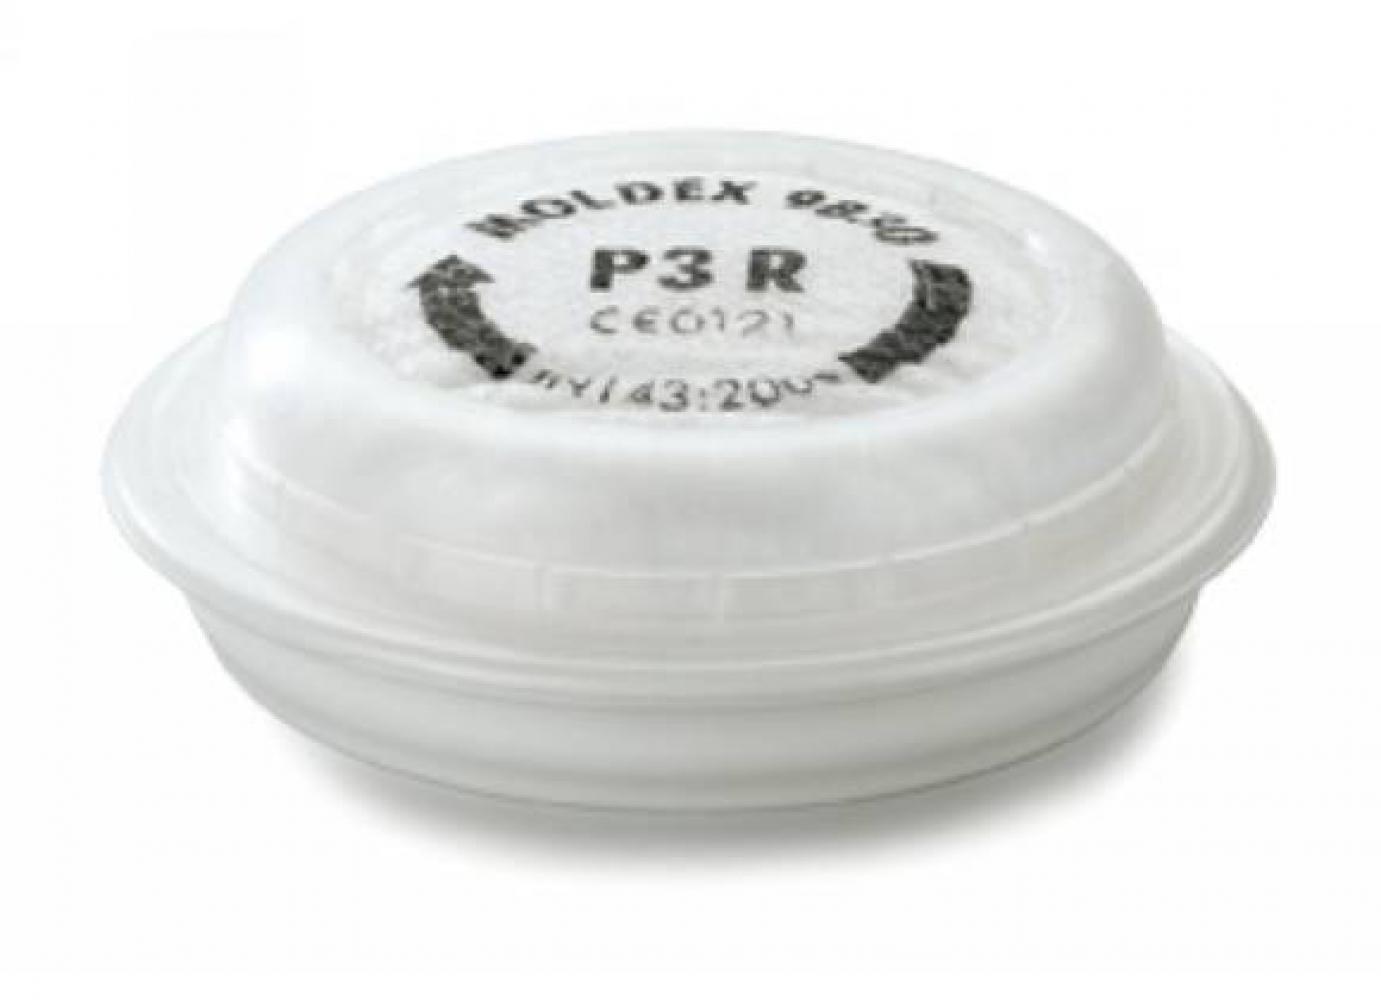 Moldex 20/Piezas filtros de part/ículas Suunto Core p2r para m/áscaras Serie 7000/y Bricolaje y /única hazlo t/ú Mismo